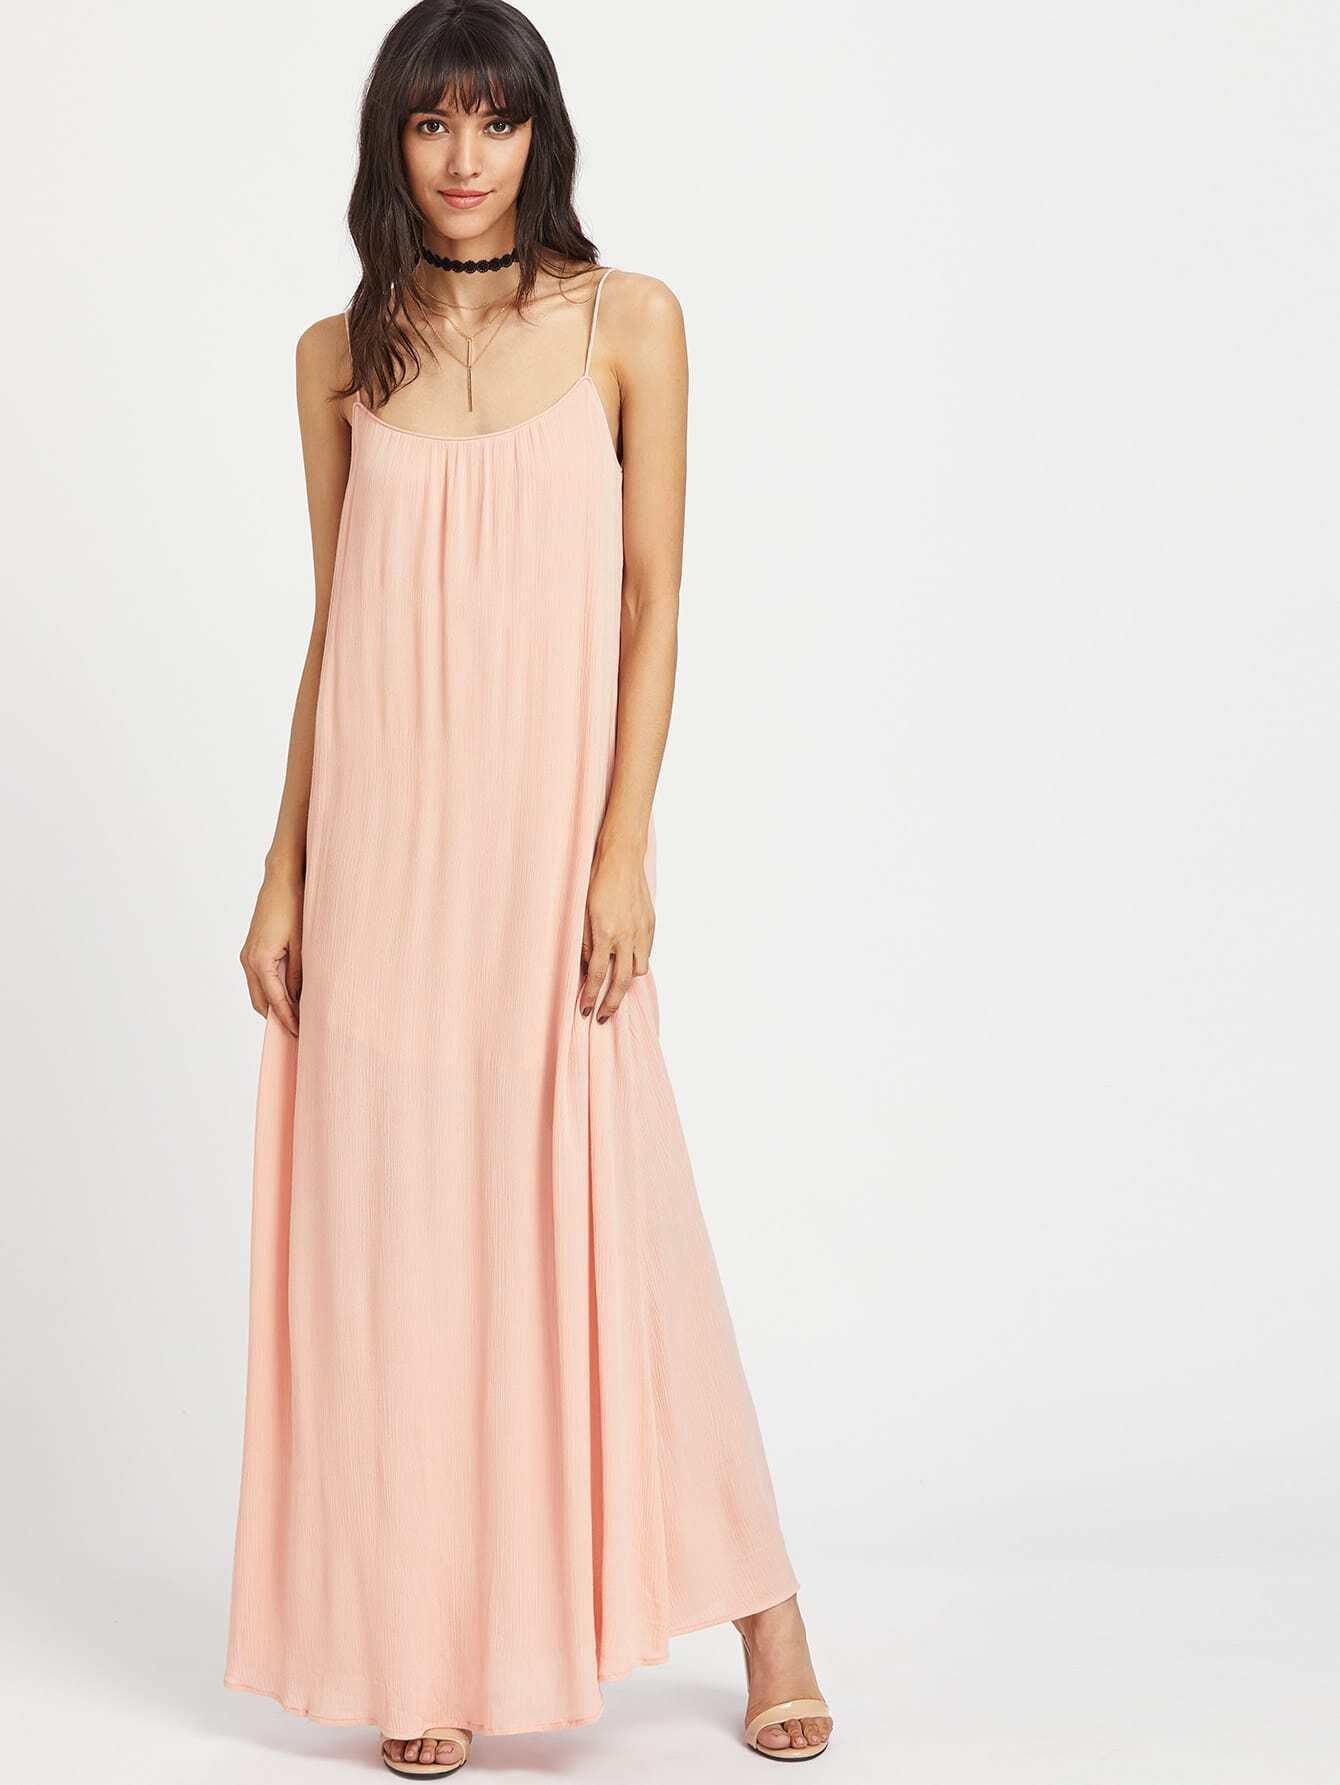 dress170410705_2